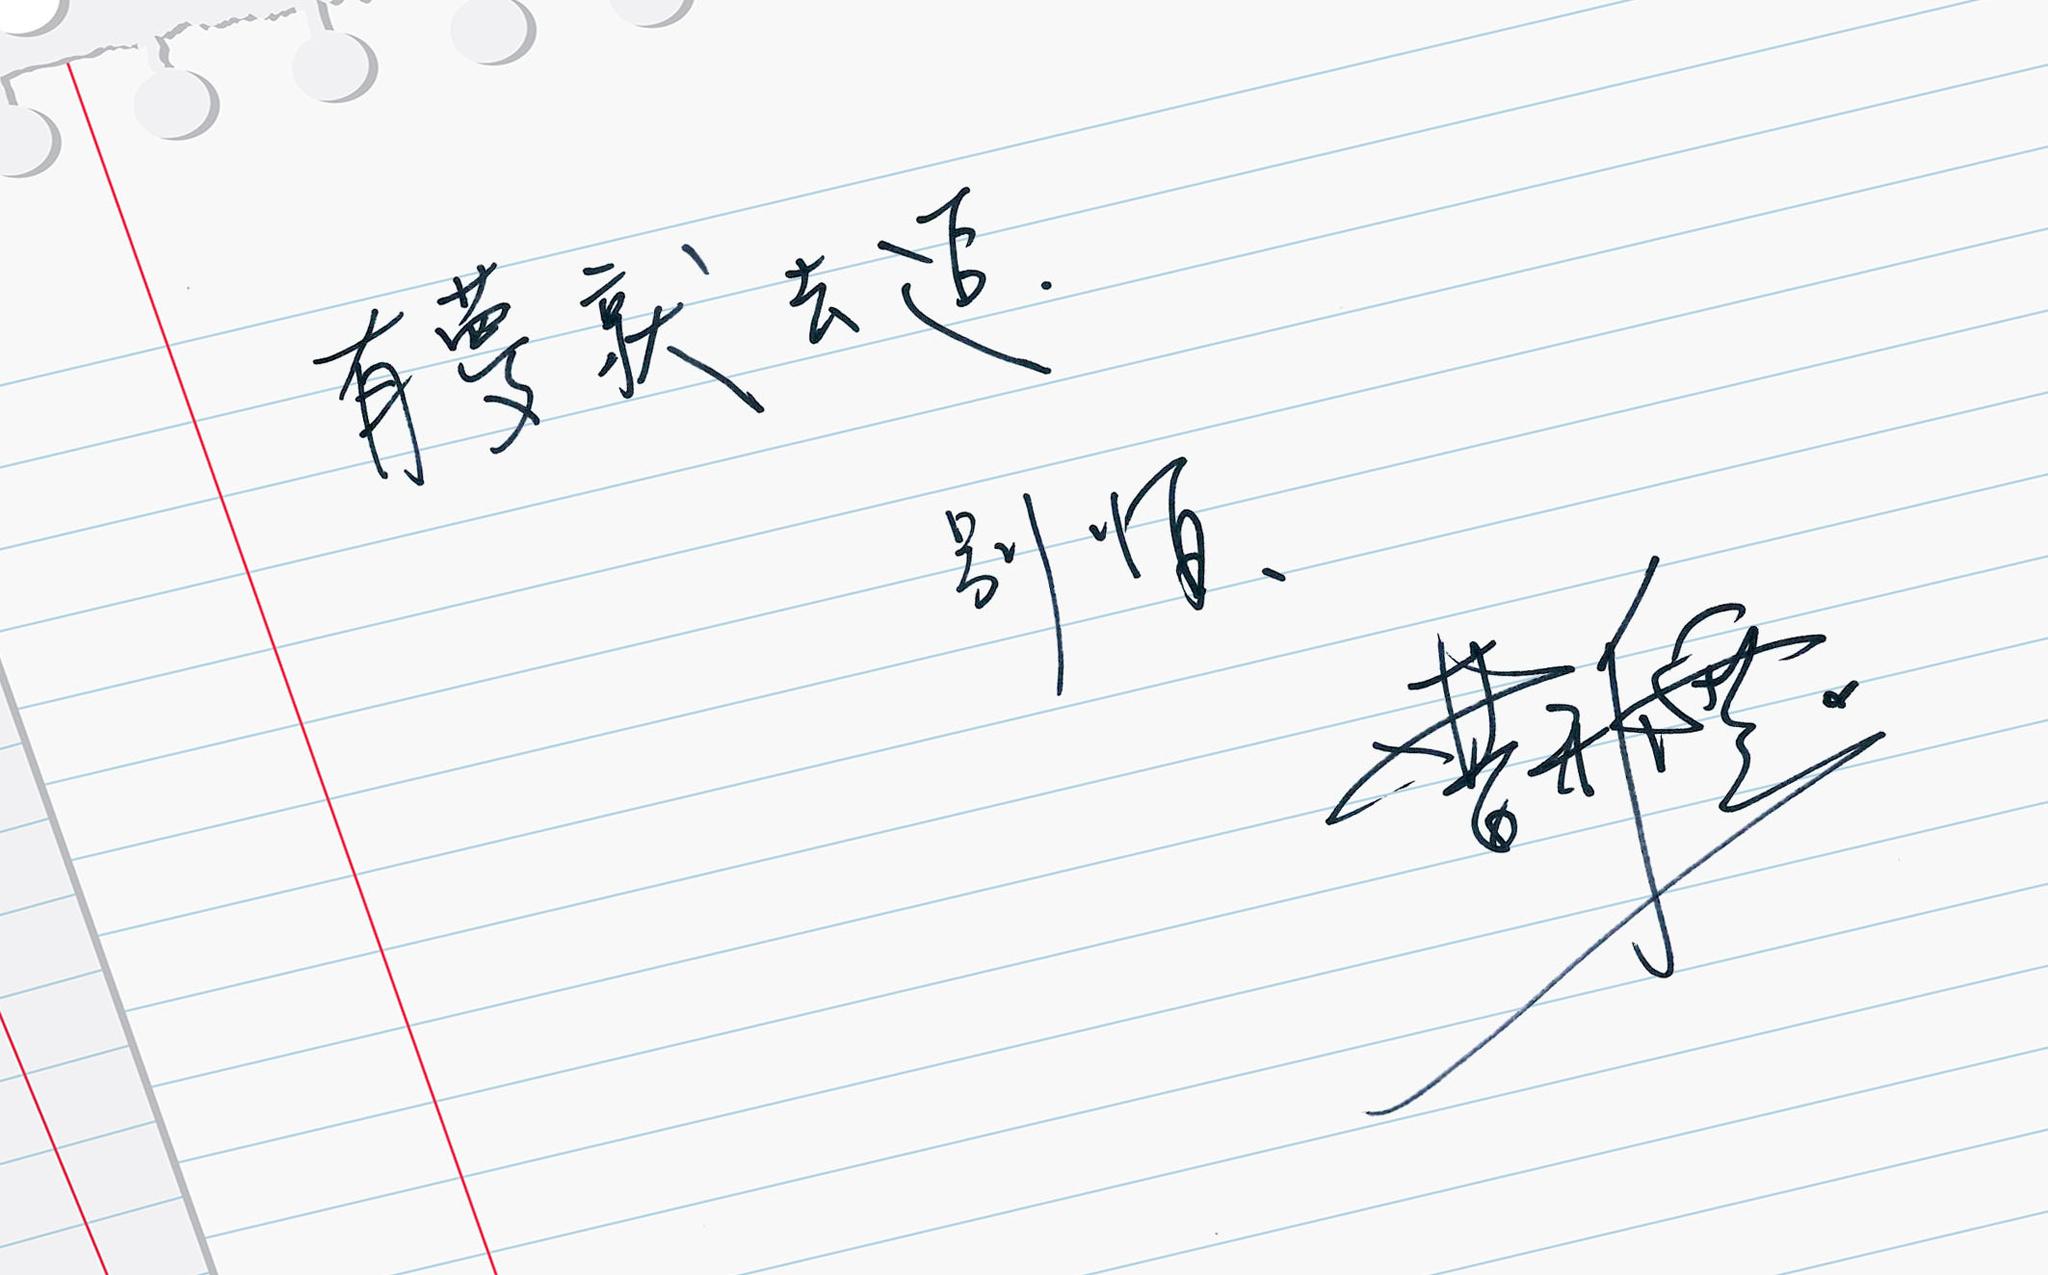 曹雅雯熱愛寫字。